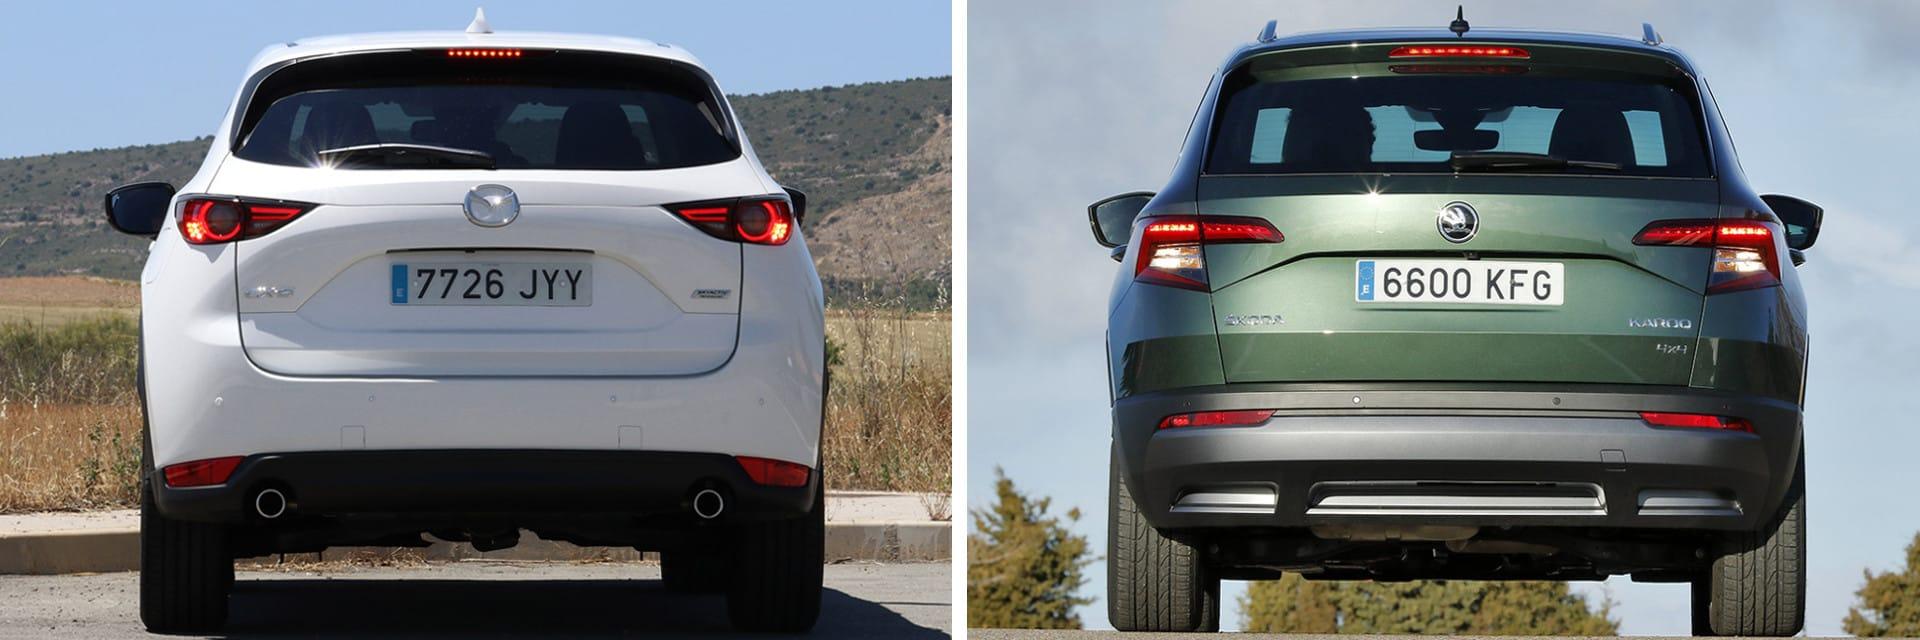 En el Mazda (izq.) con motor diésel de 150 CV está disponible la tracción total o a las ruedas traseras. El Skoda Karoq (dcha.) siempre viene con tracción a las cuatro ruedas.